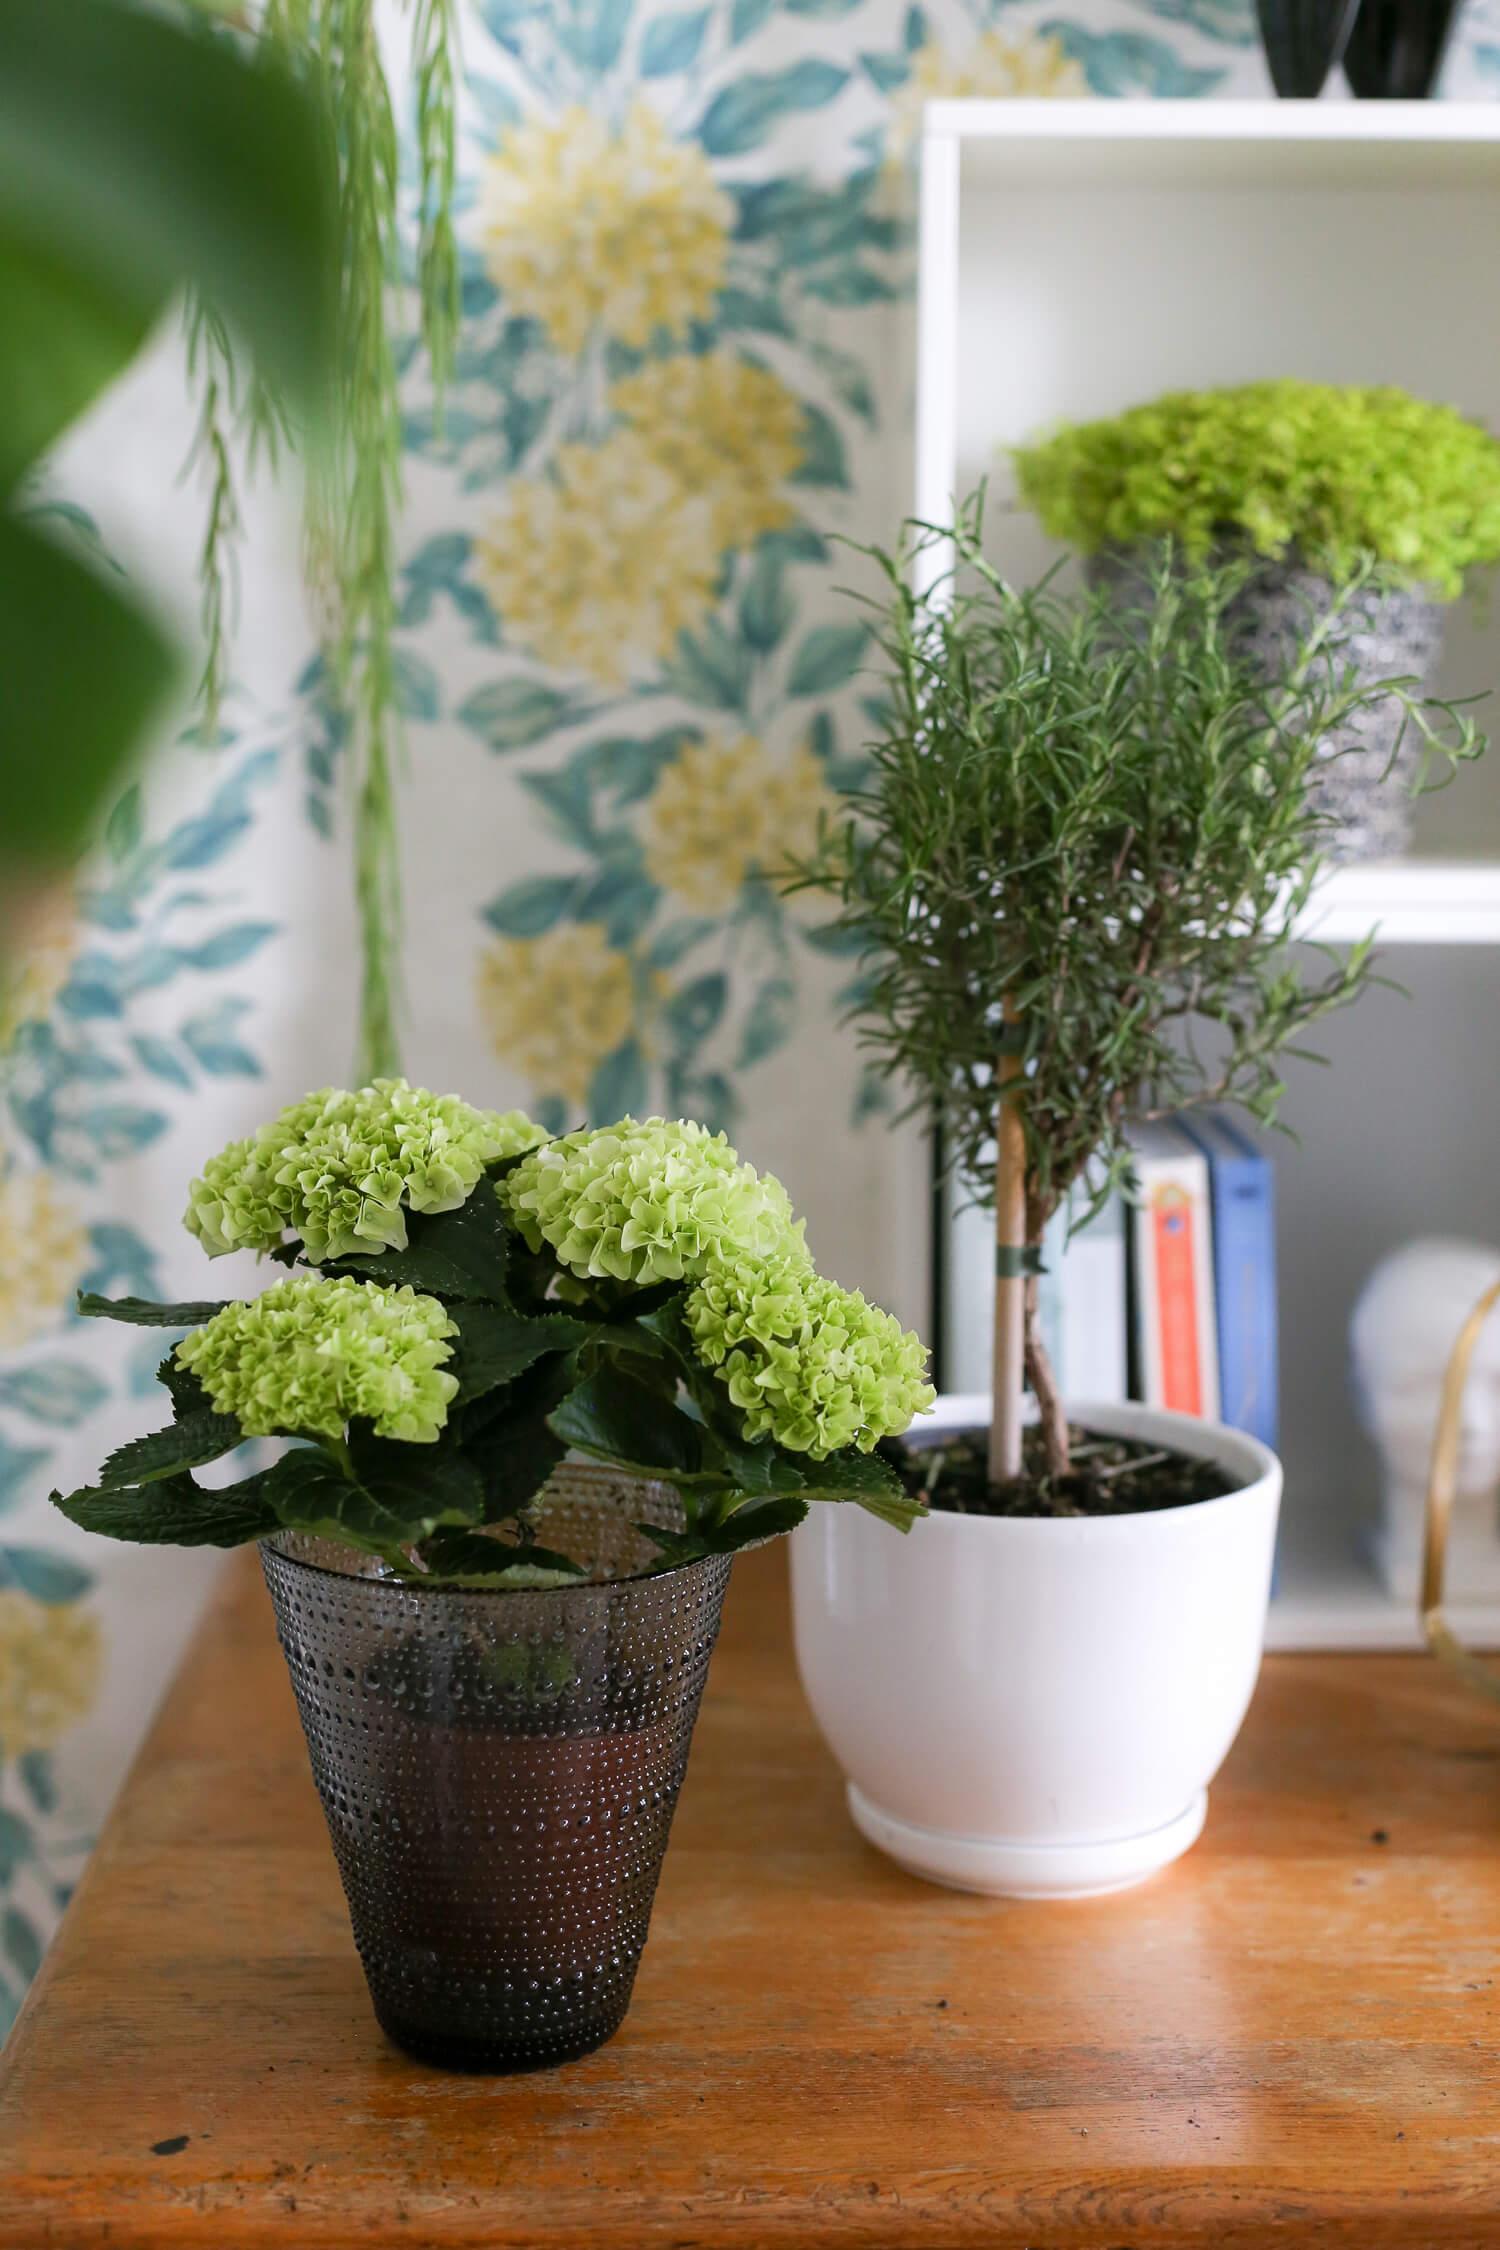 ruukkukortensia on kaunis vihreä kukkiva ruukkukukka.